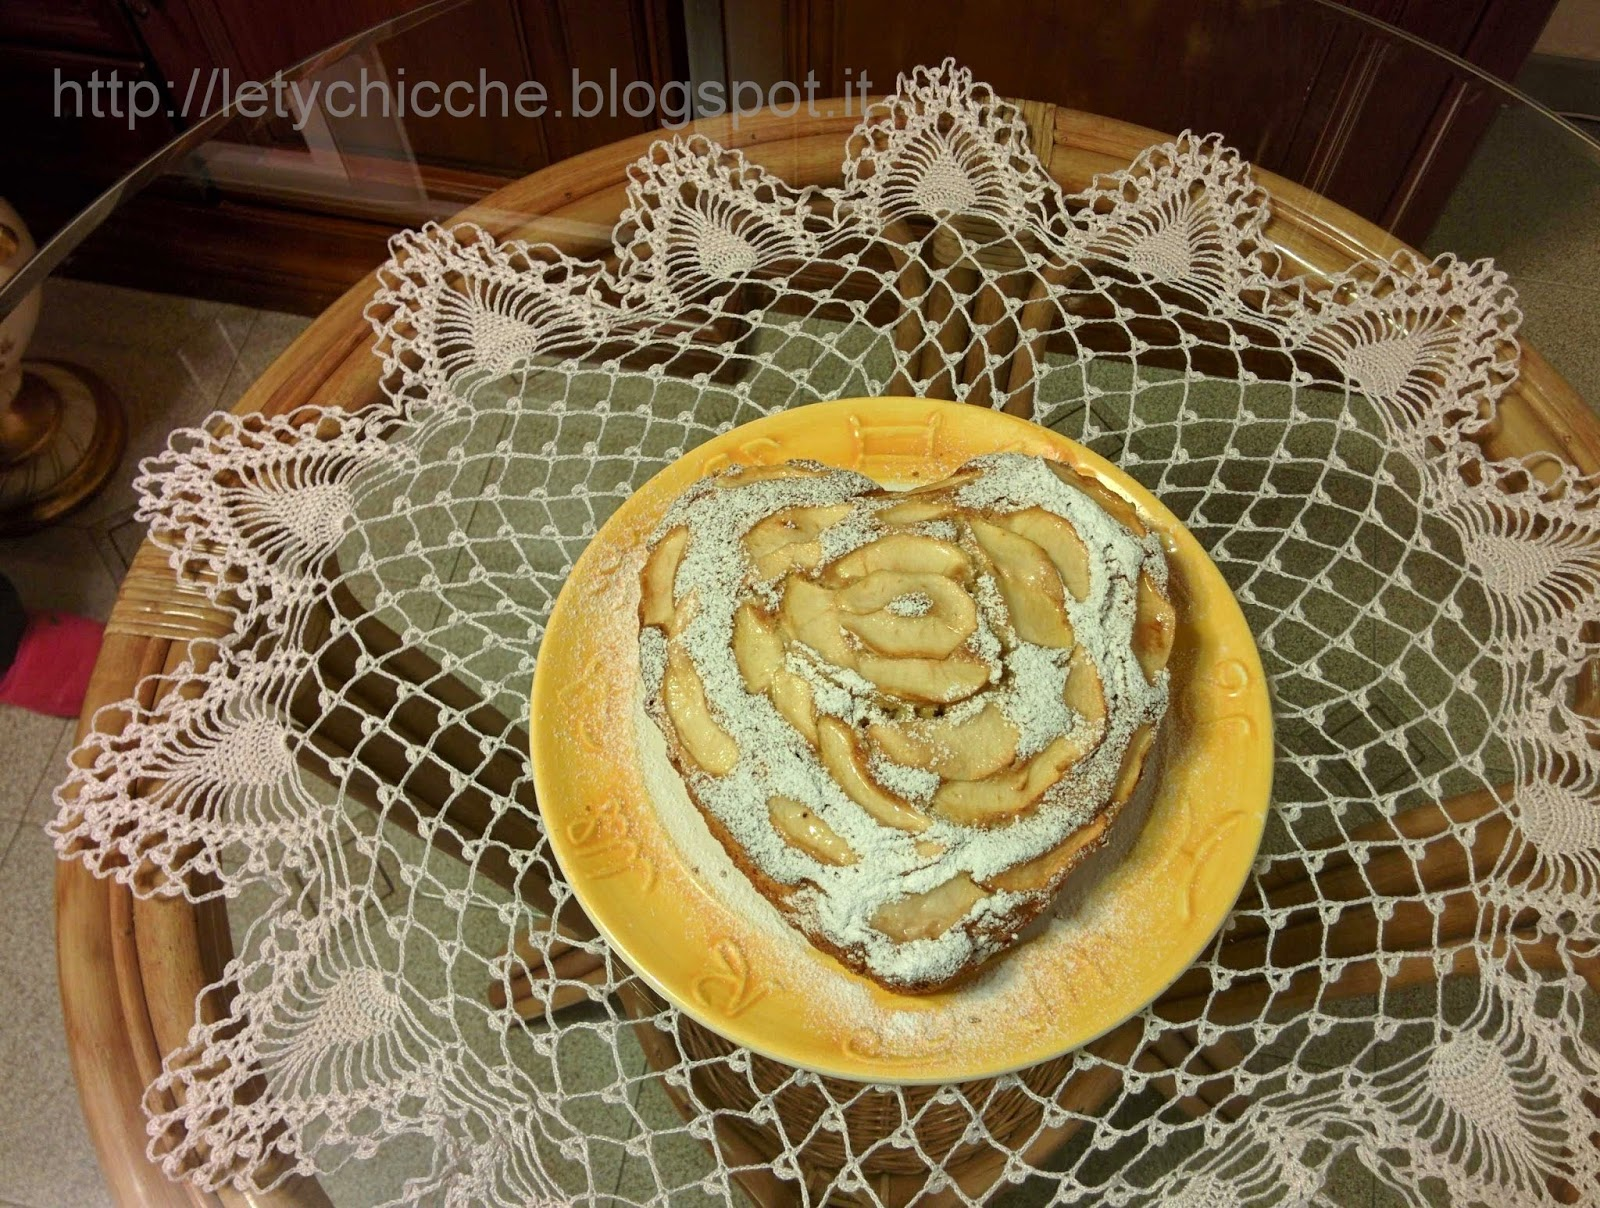 Torta di mele - Letychicche